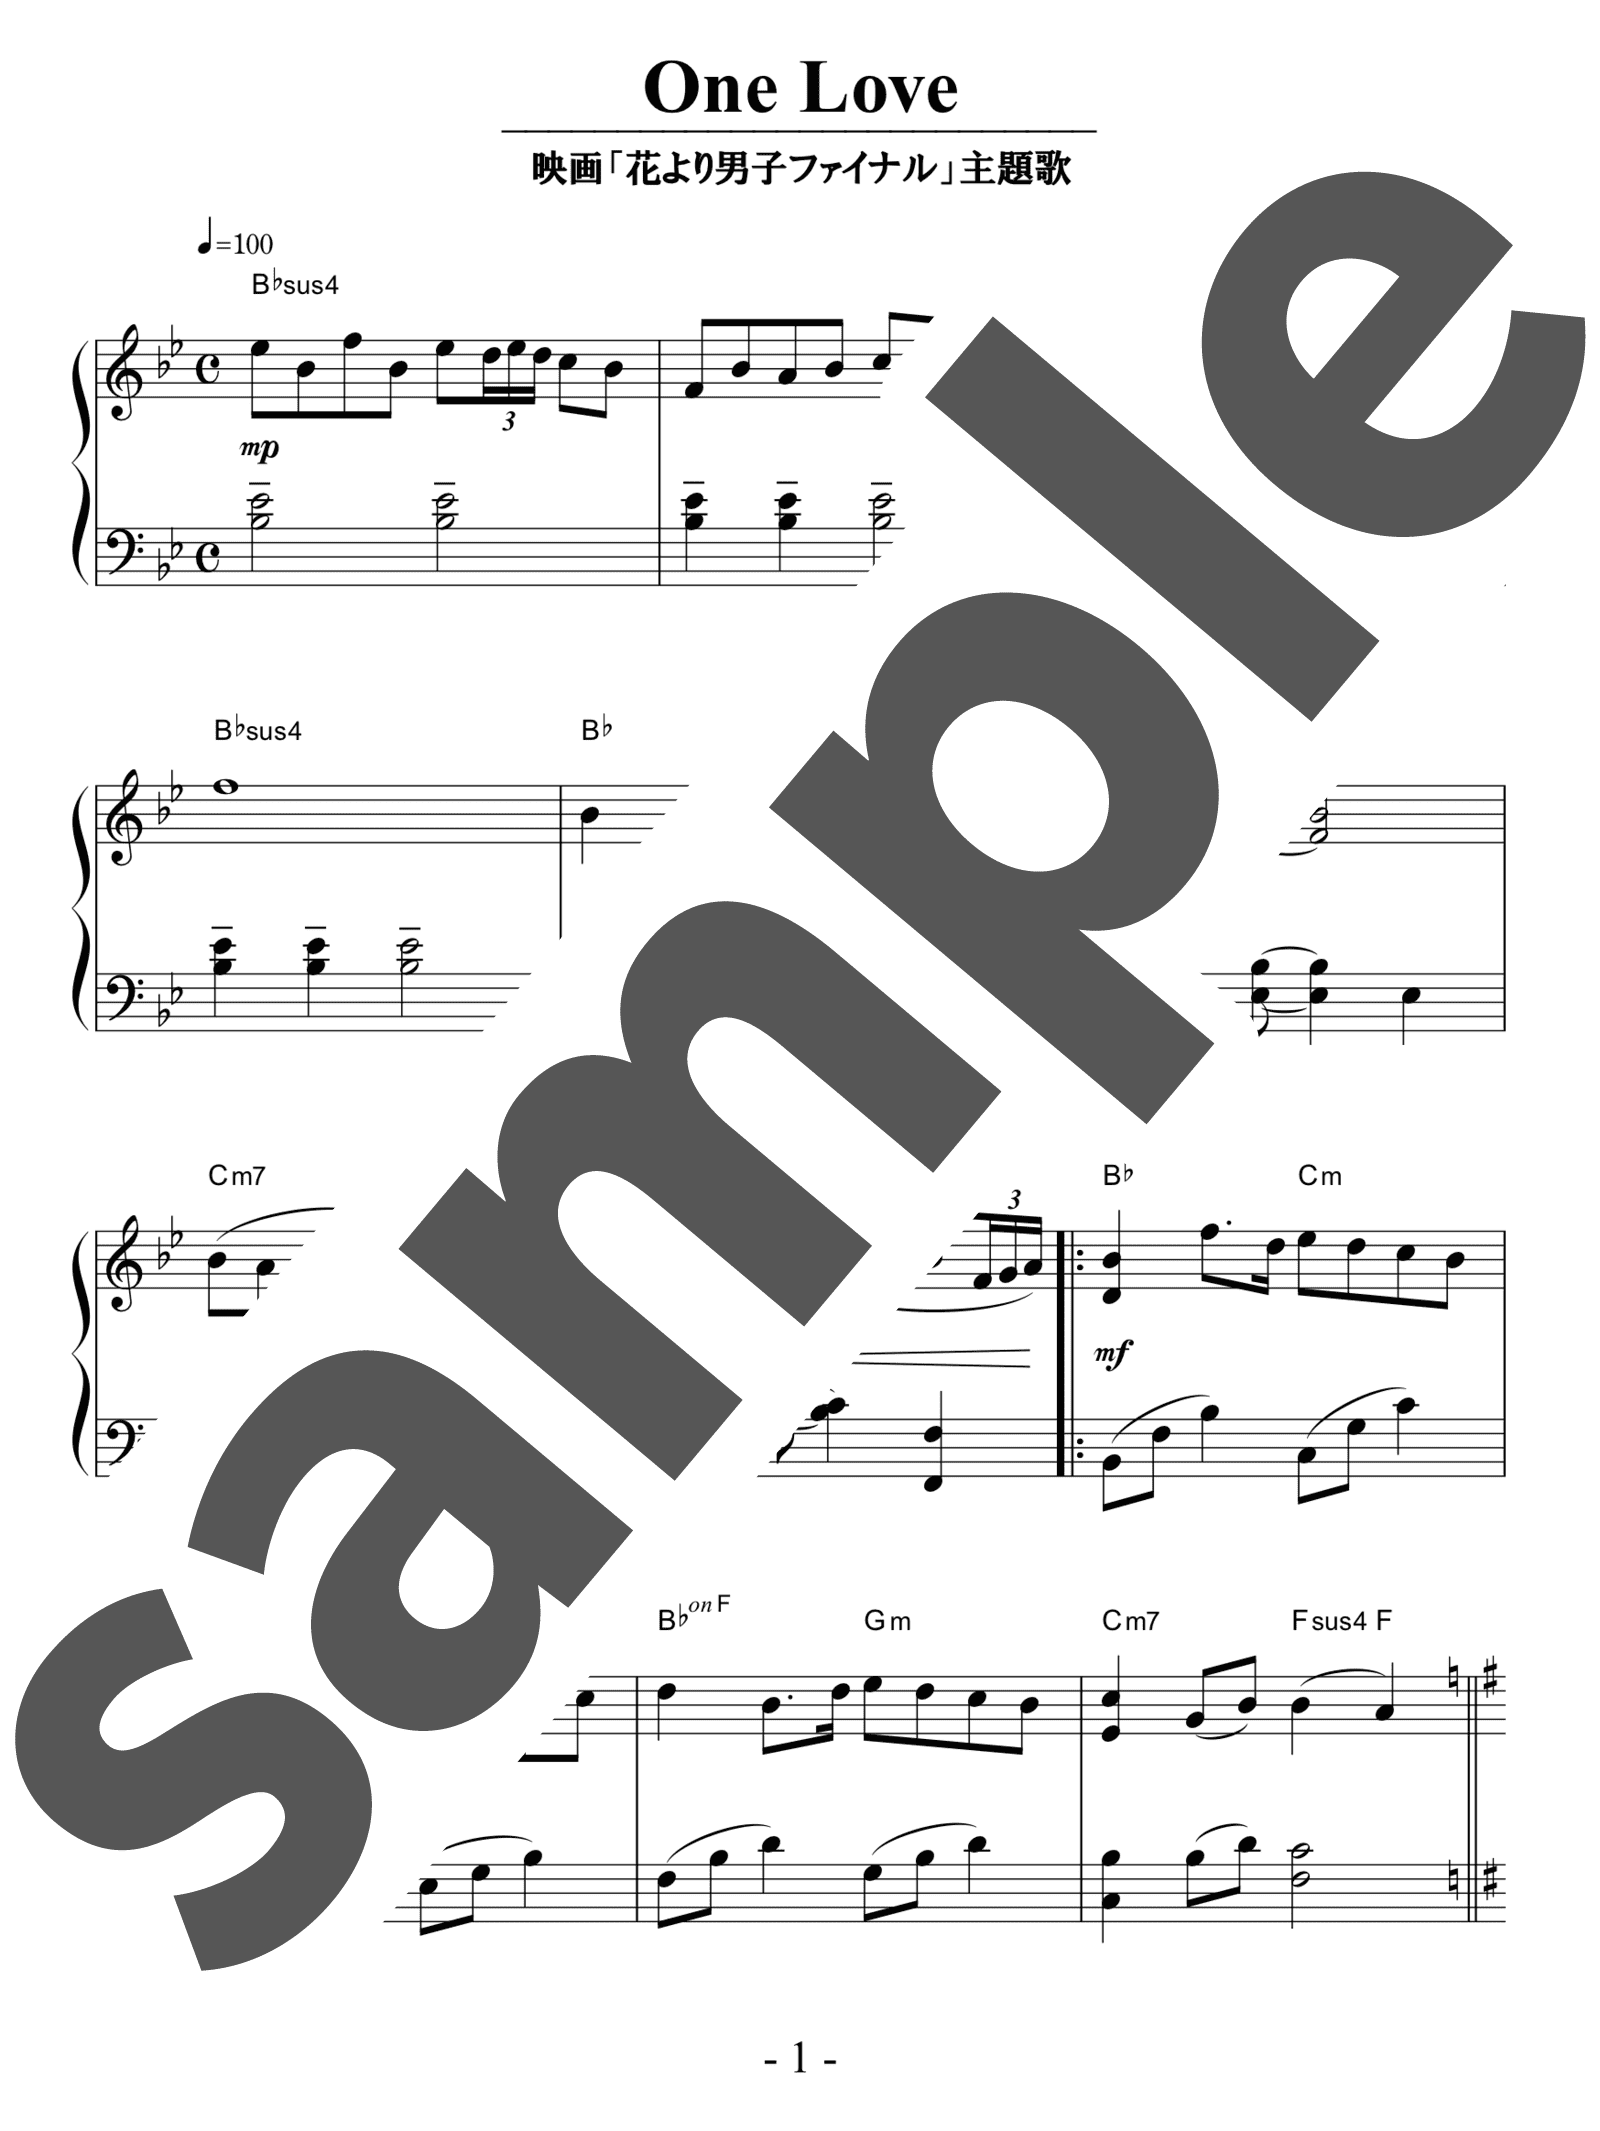 「One Love」のサンプル楽譜